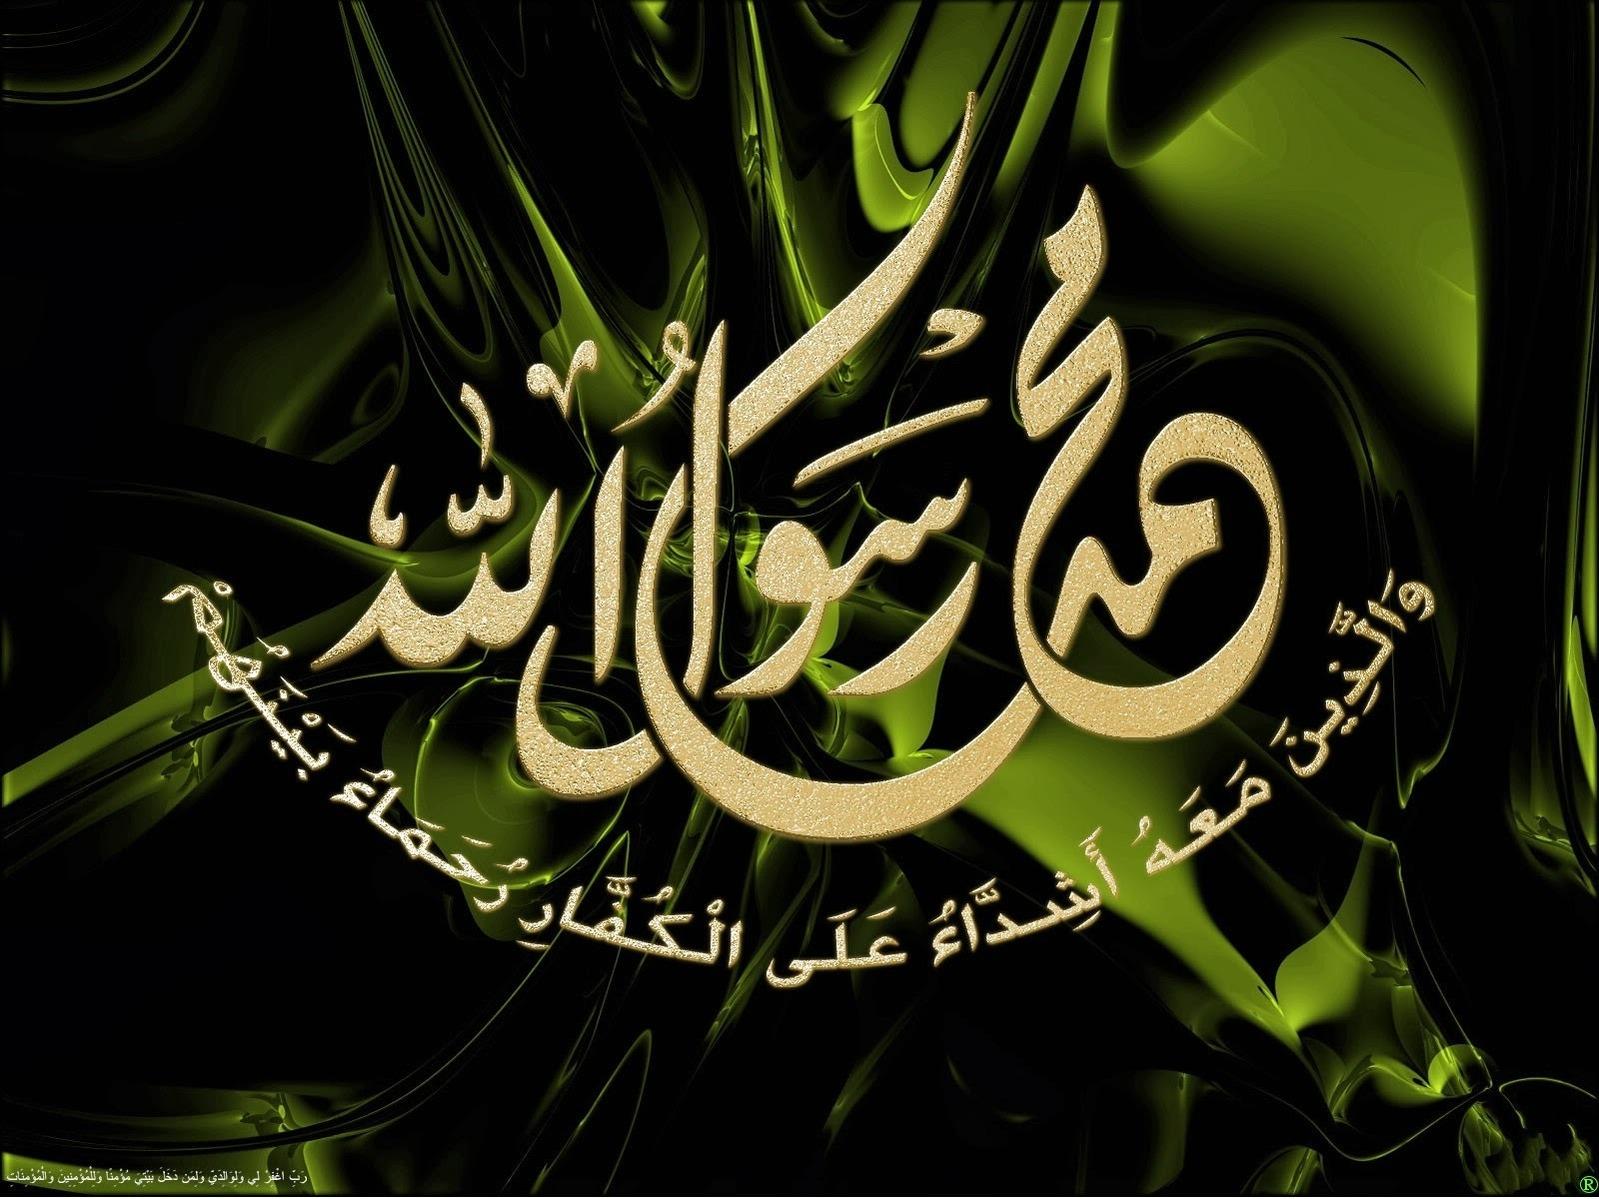 صور ادعية اسلامية مكتوبة (3)